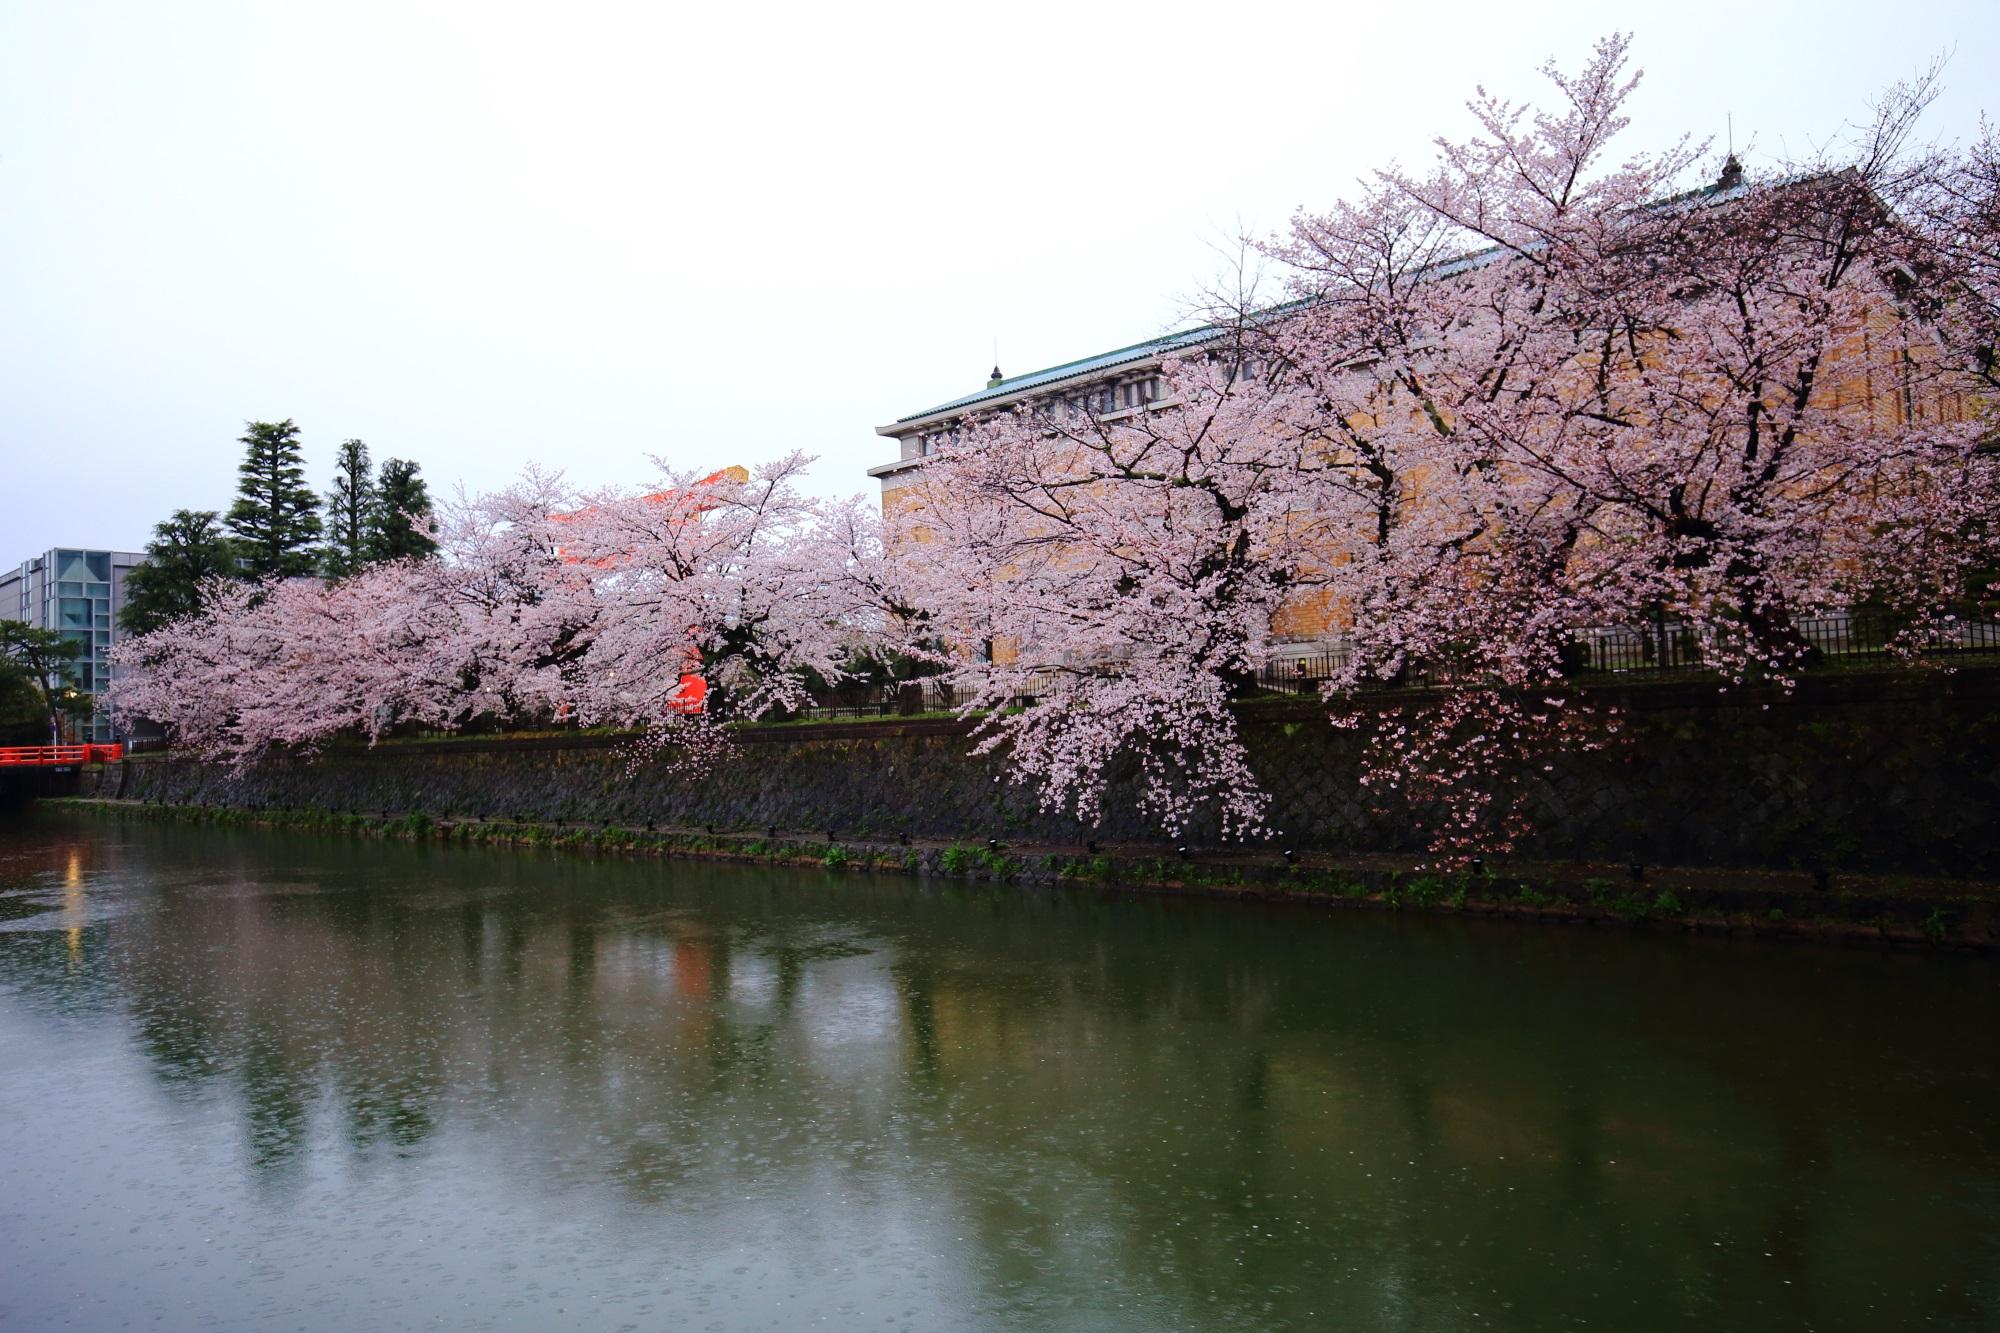 市美術館と岡崎疏水の華やかな満開の桜